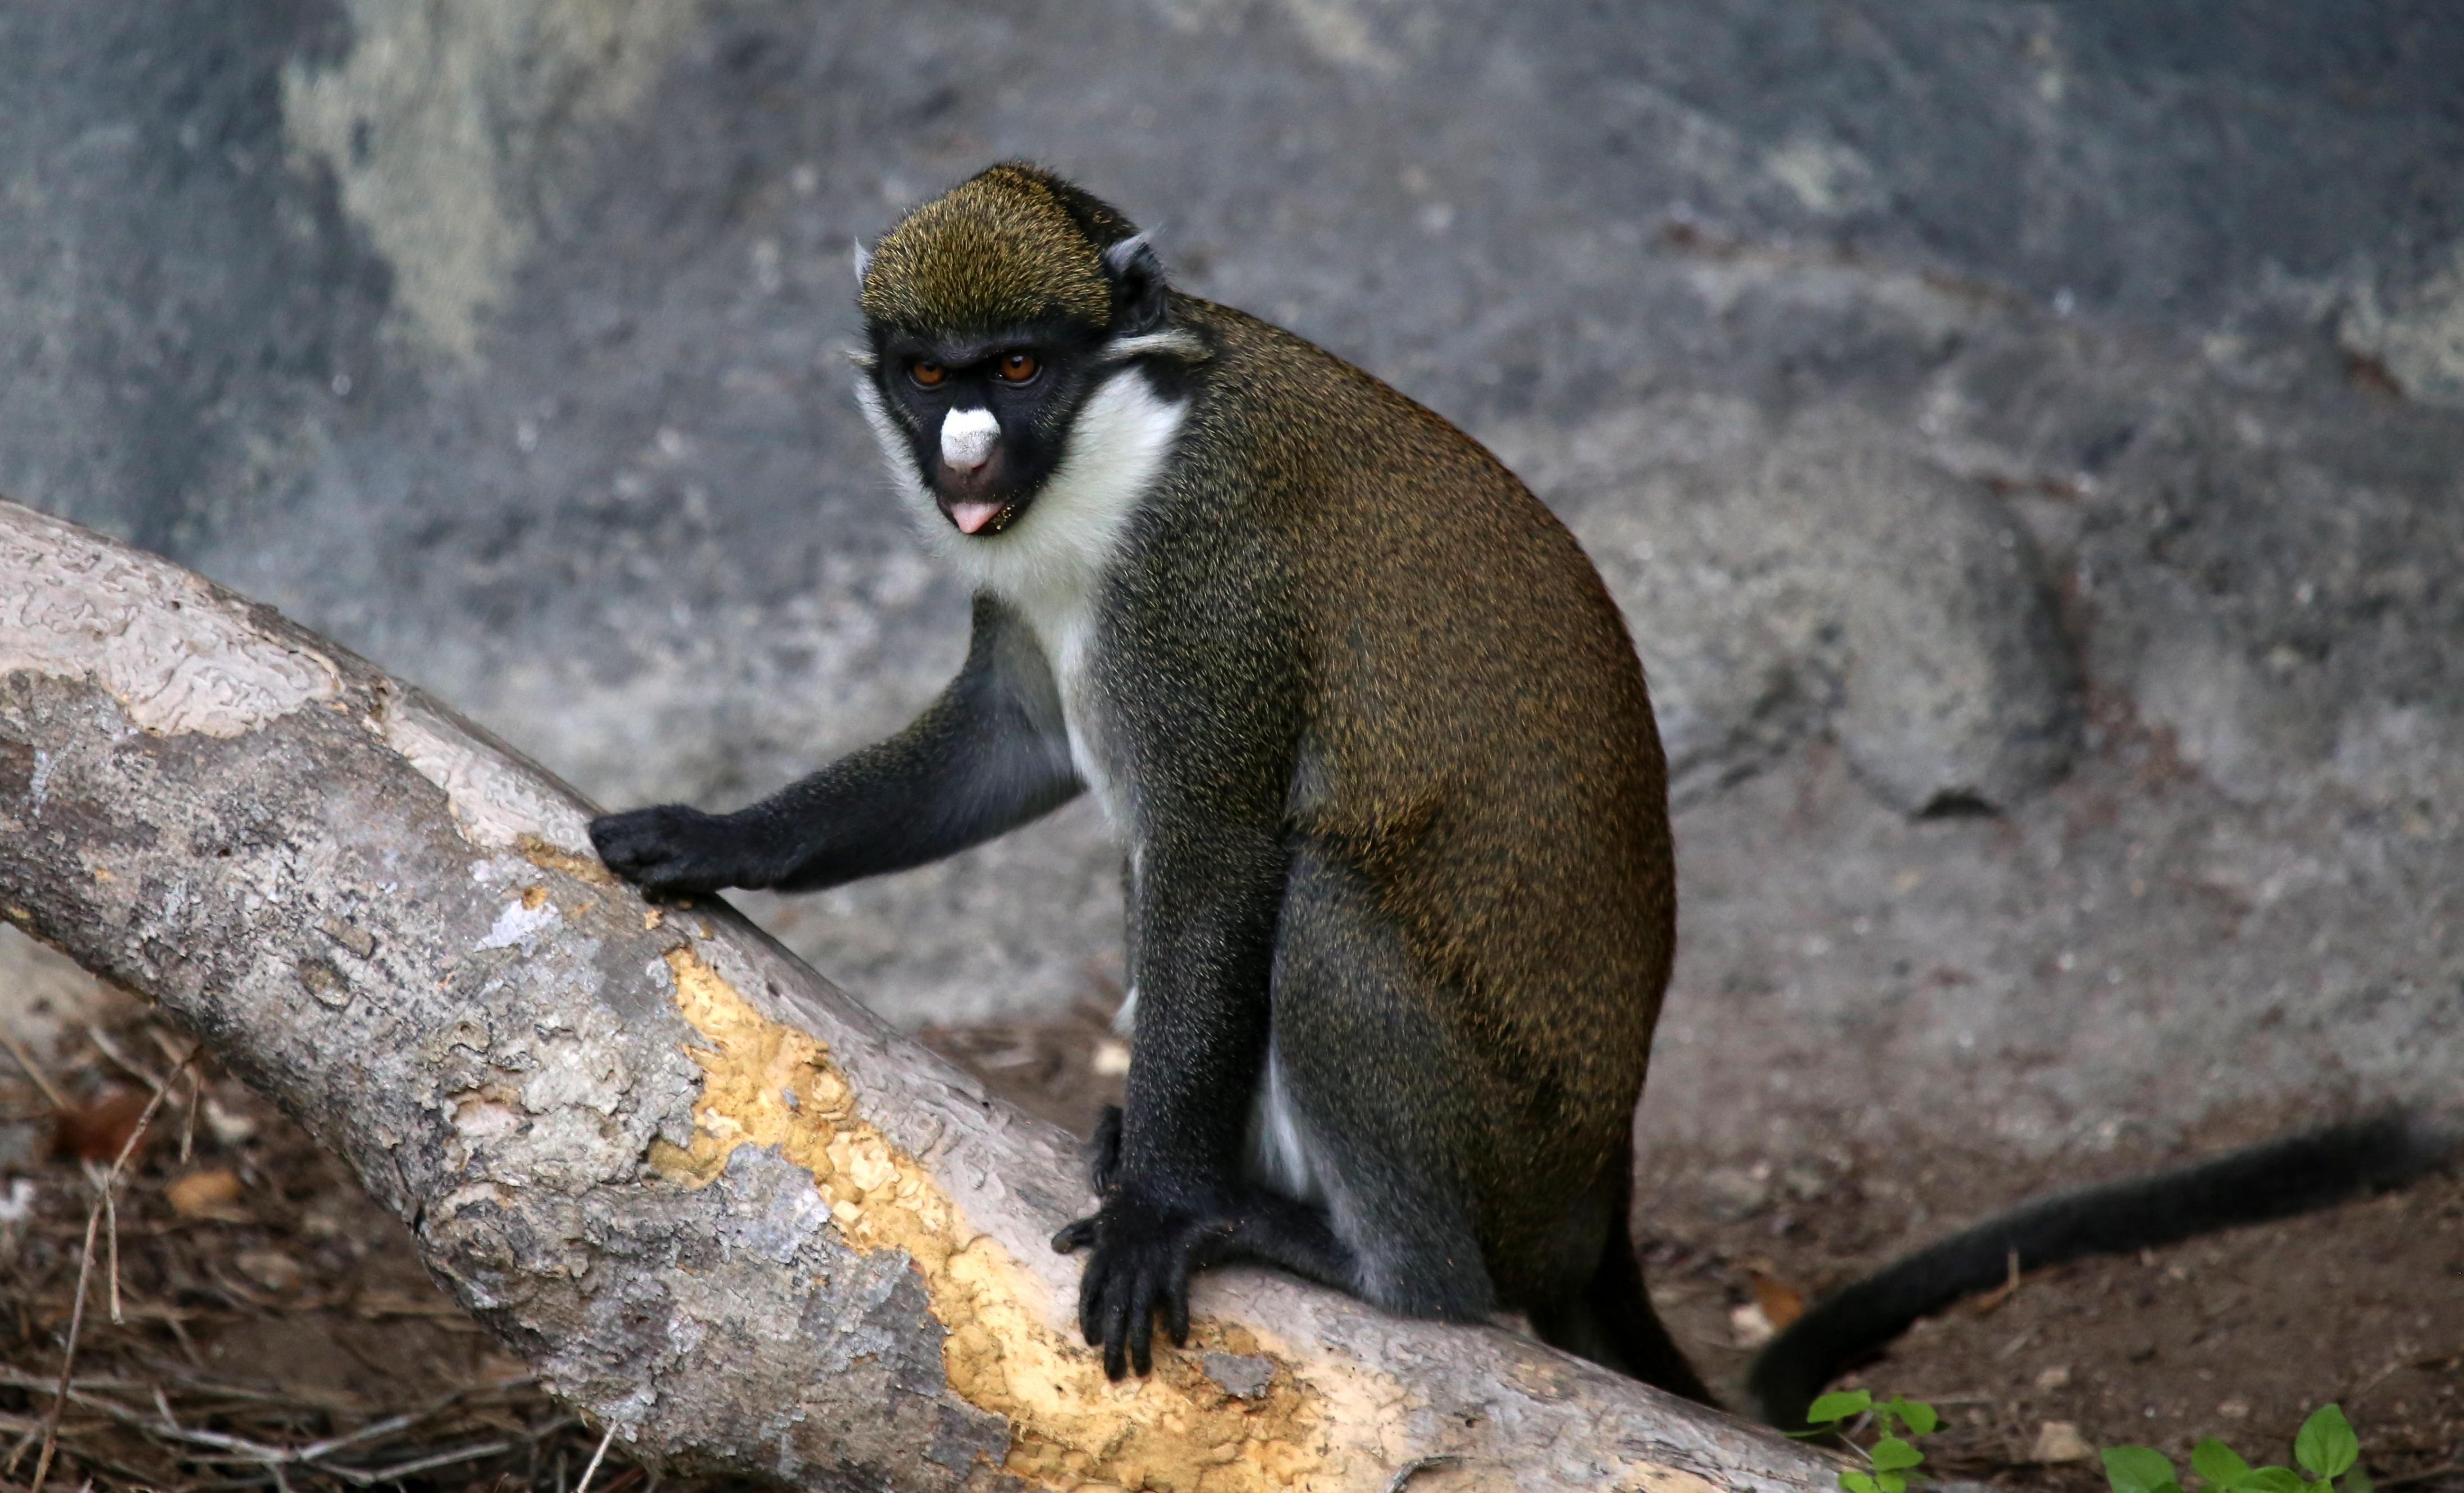 Lesser Spot-Nosed Monkey